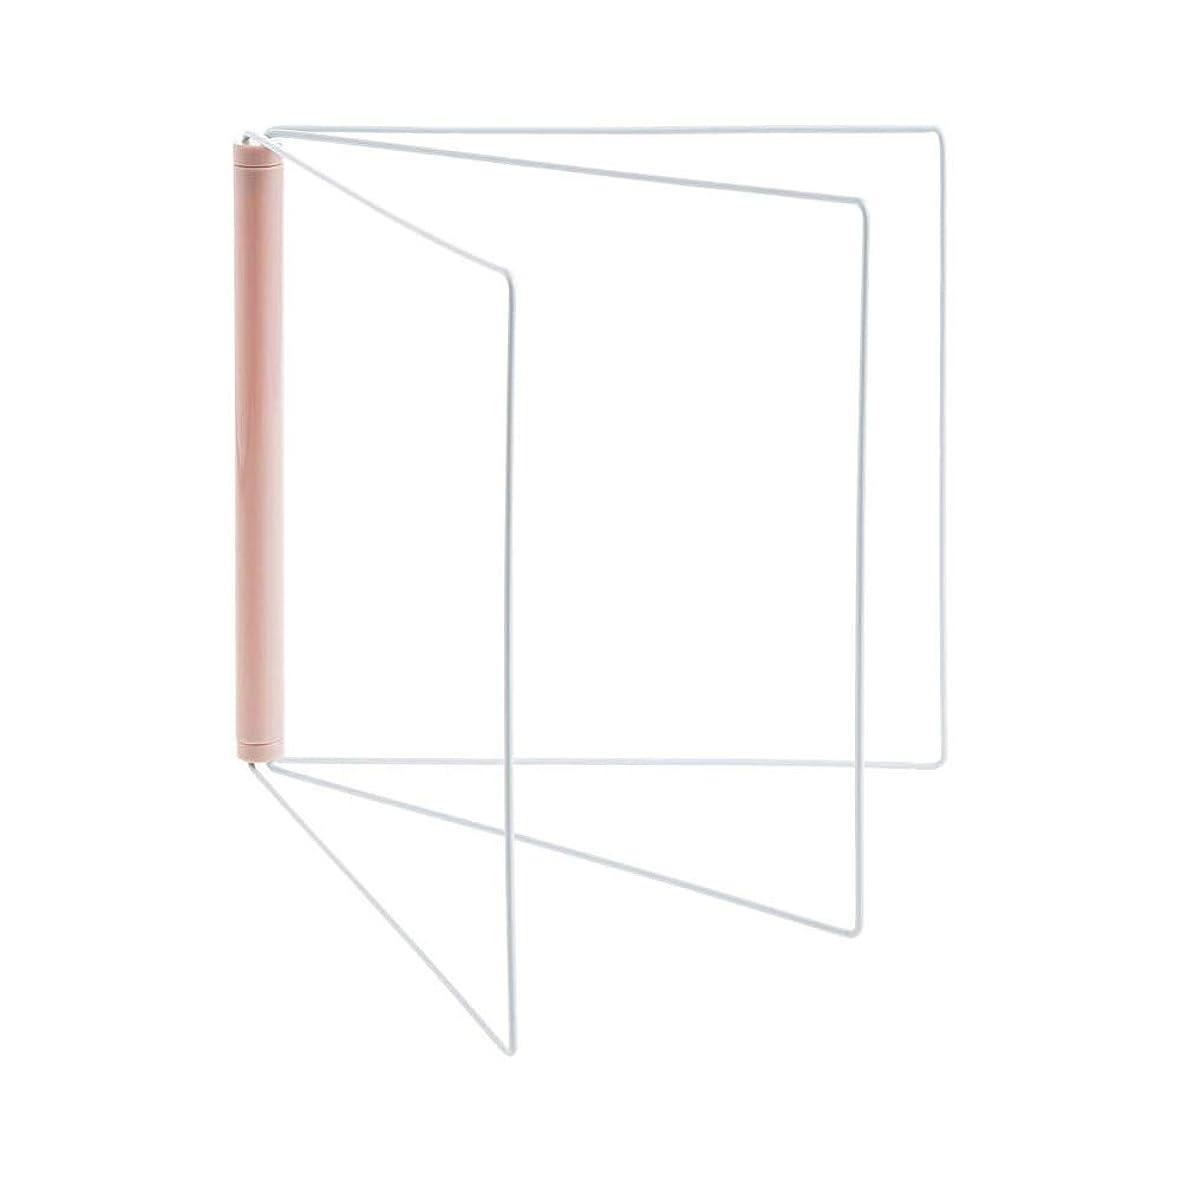 骨の折れるチップ観点蜂の巣 折り畳み布巾ハンガー 雑巾掛け キッチン 台所 収納 スタンド式 (ピンク)